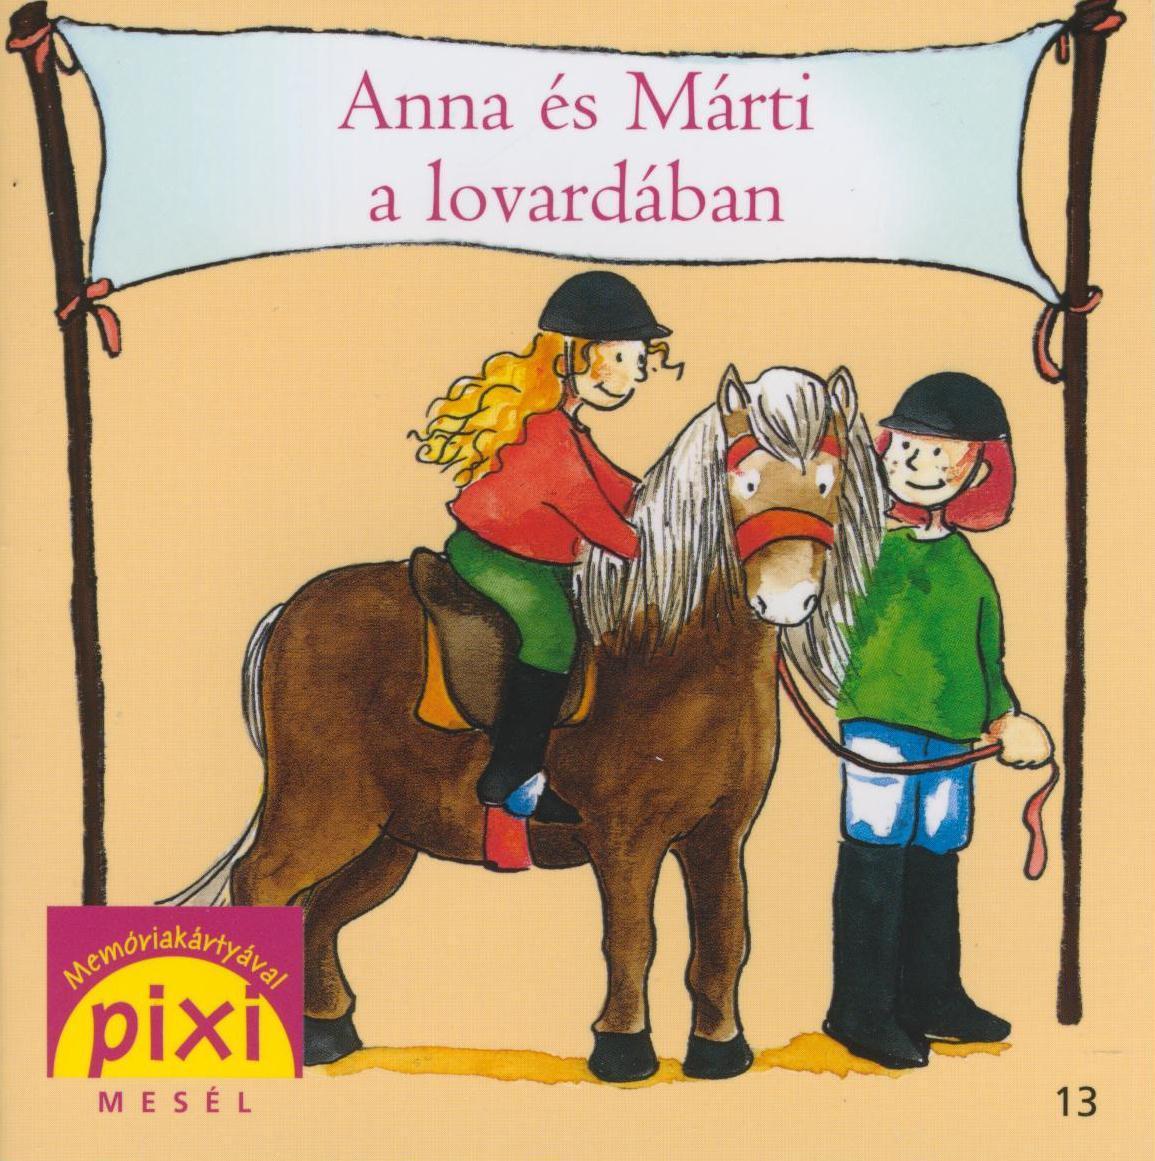 ANNA ÉS MÁRTI A LOVARDÁBAN - PIXI MESÉL 13.